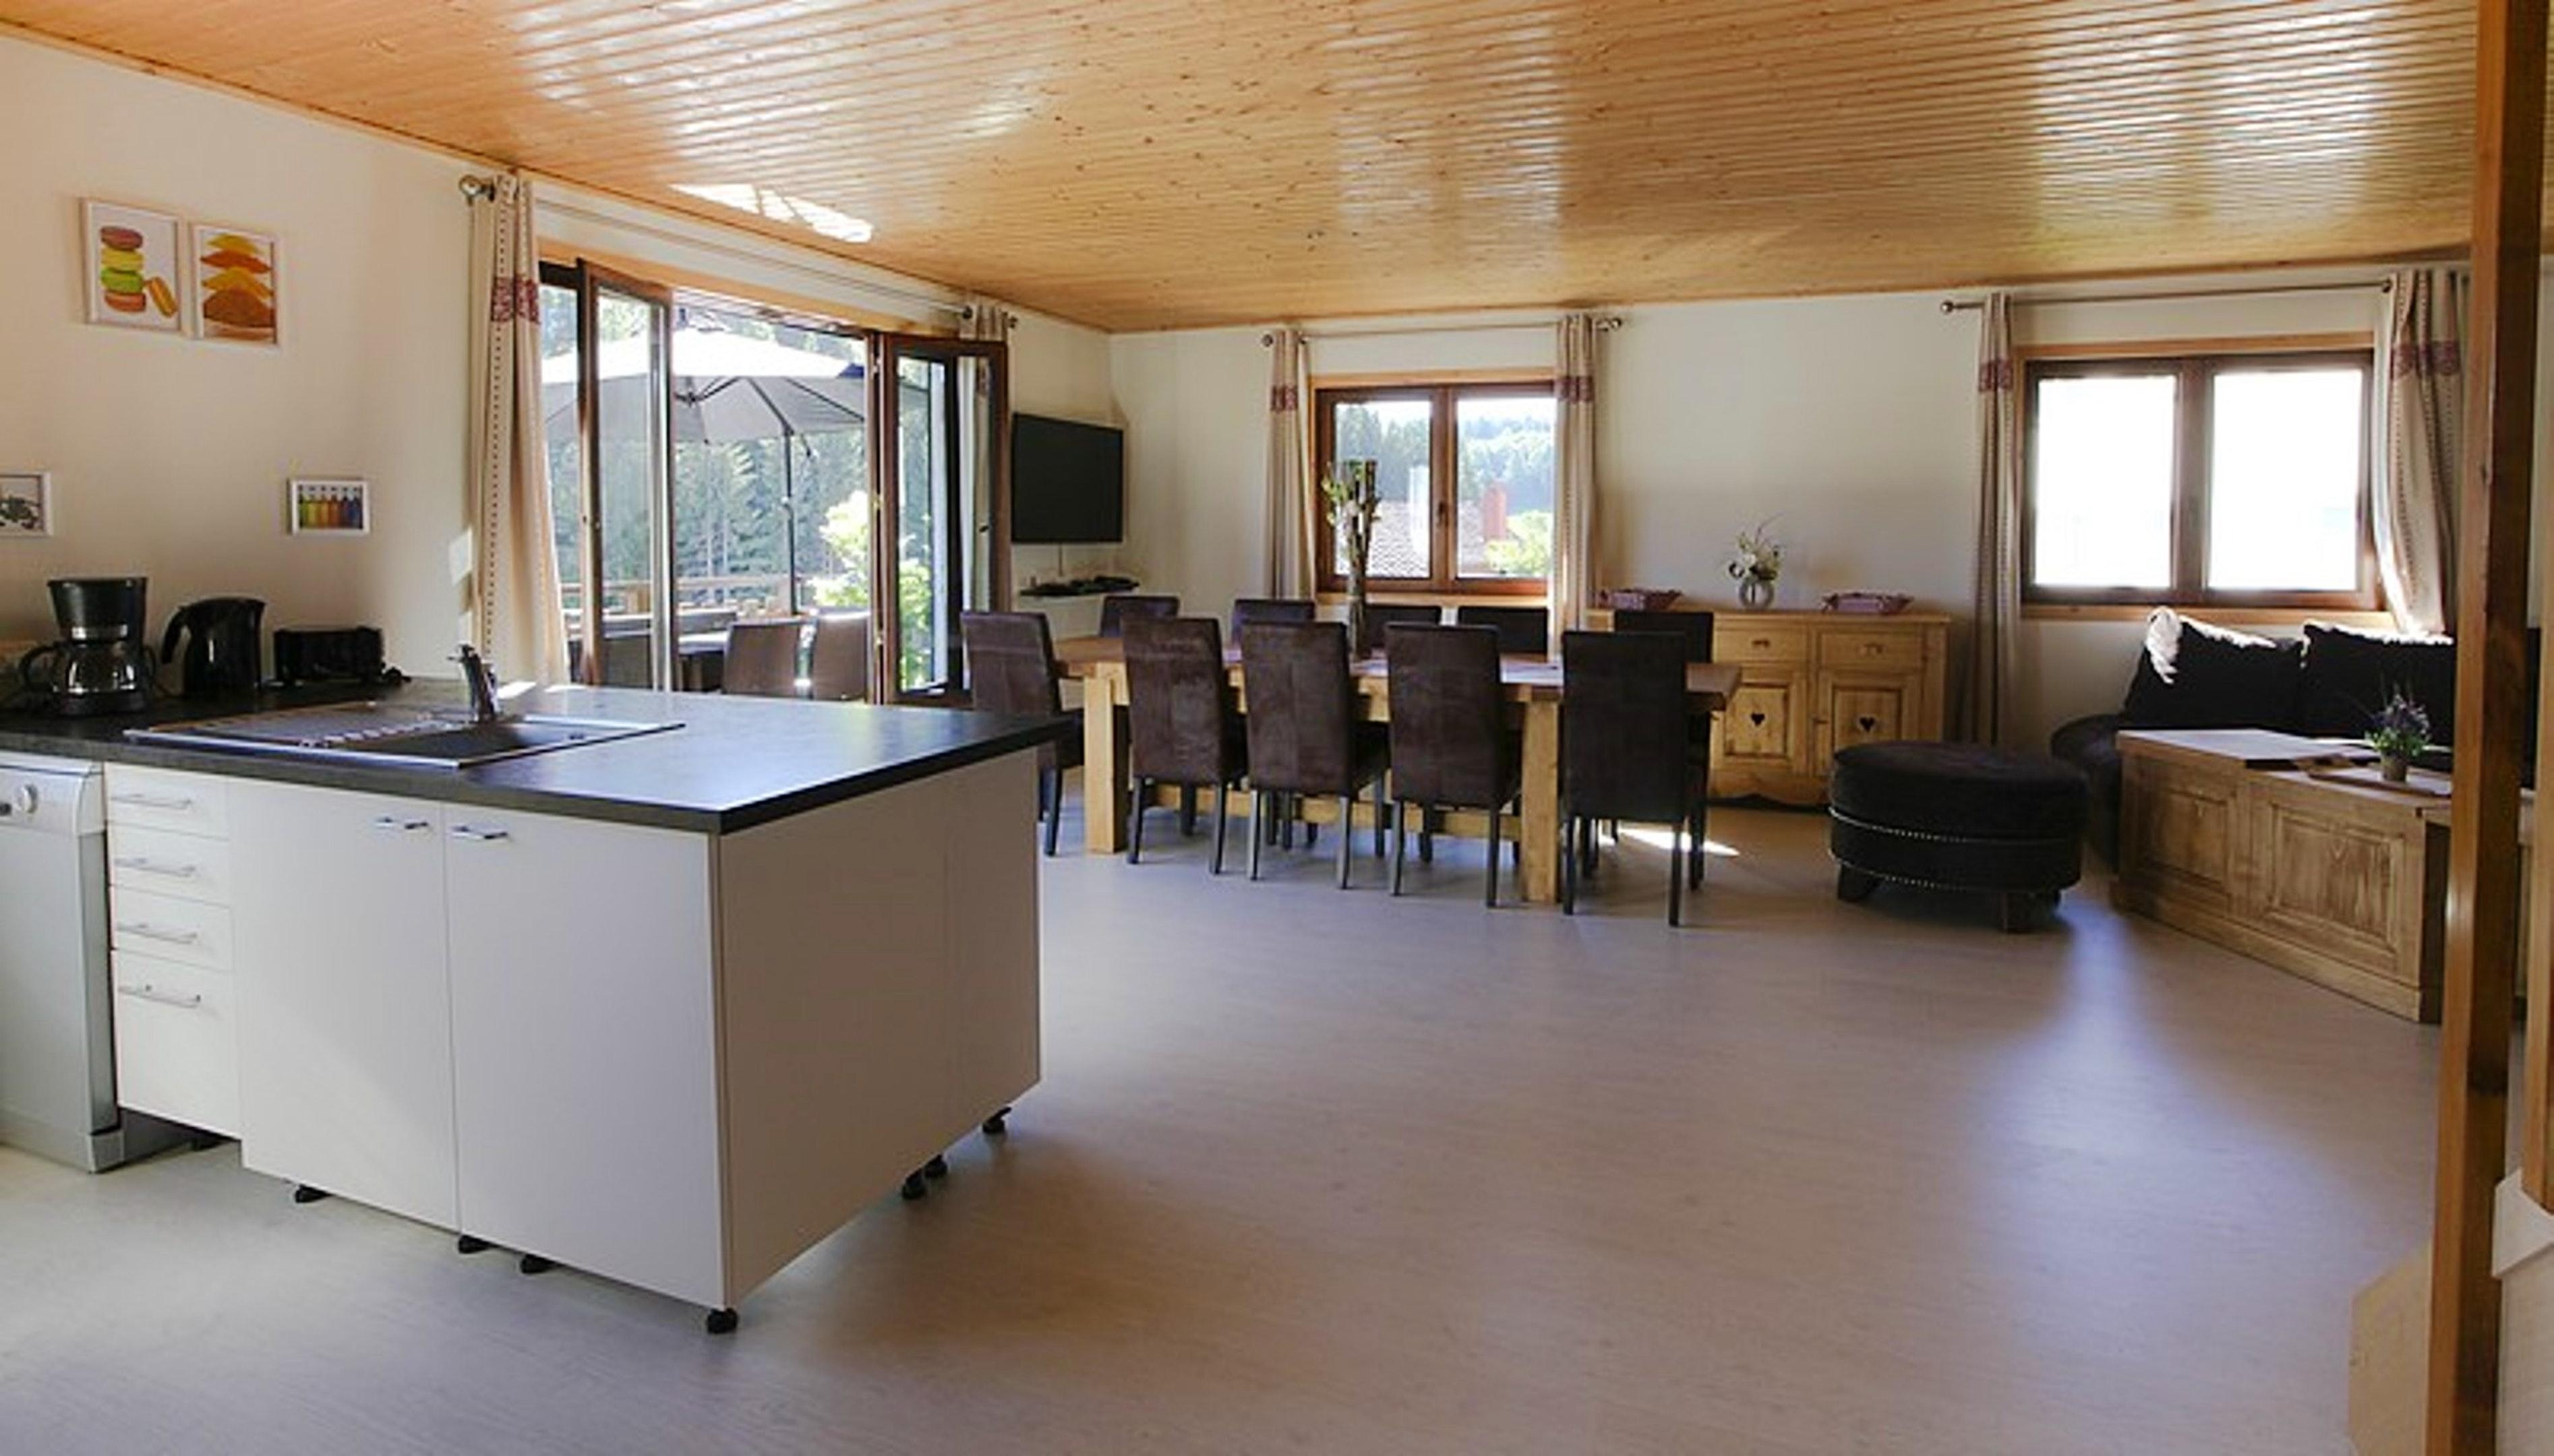 Maison de vacances Hütte mit 7 Schlafzimmern in Les Moussières mit toller Aussicht auf die Berge, möblierter  (2677371), Les Moussières, Jura, Franche-Comté, France, image 3